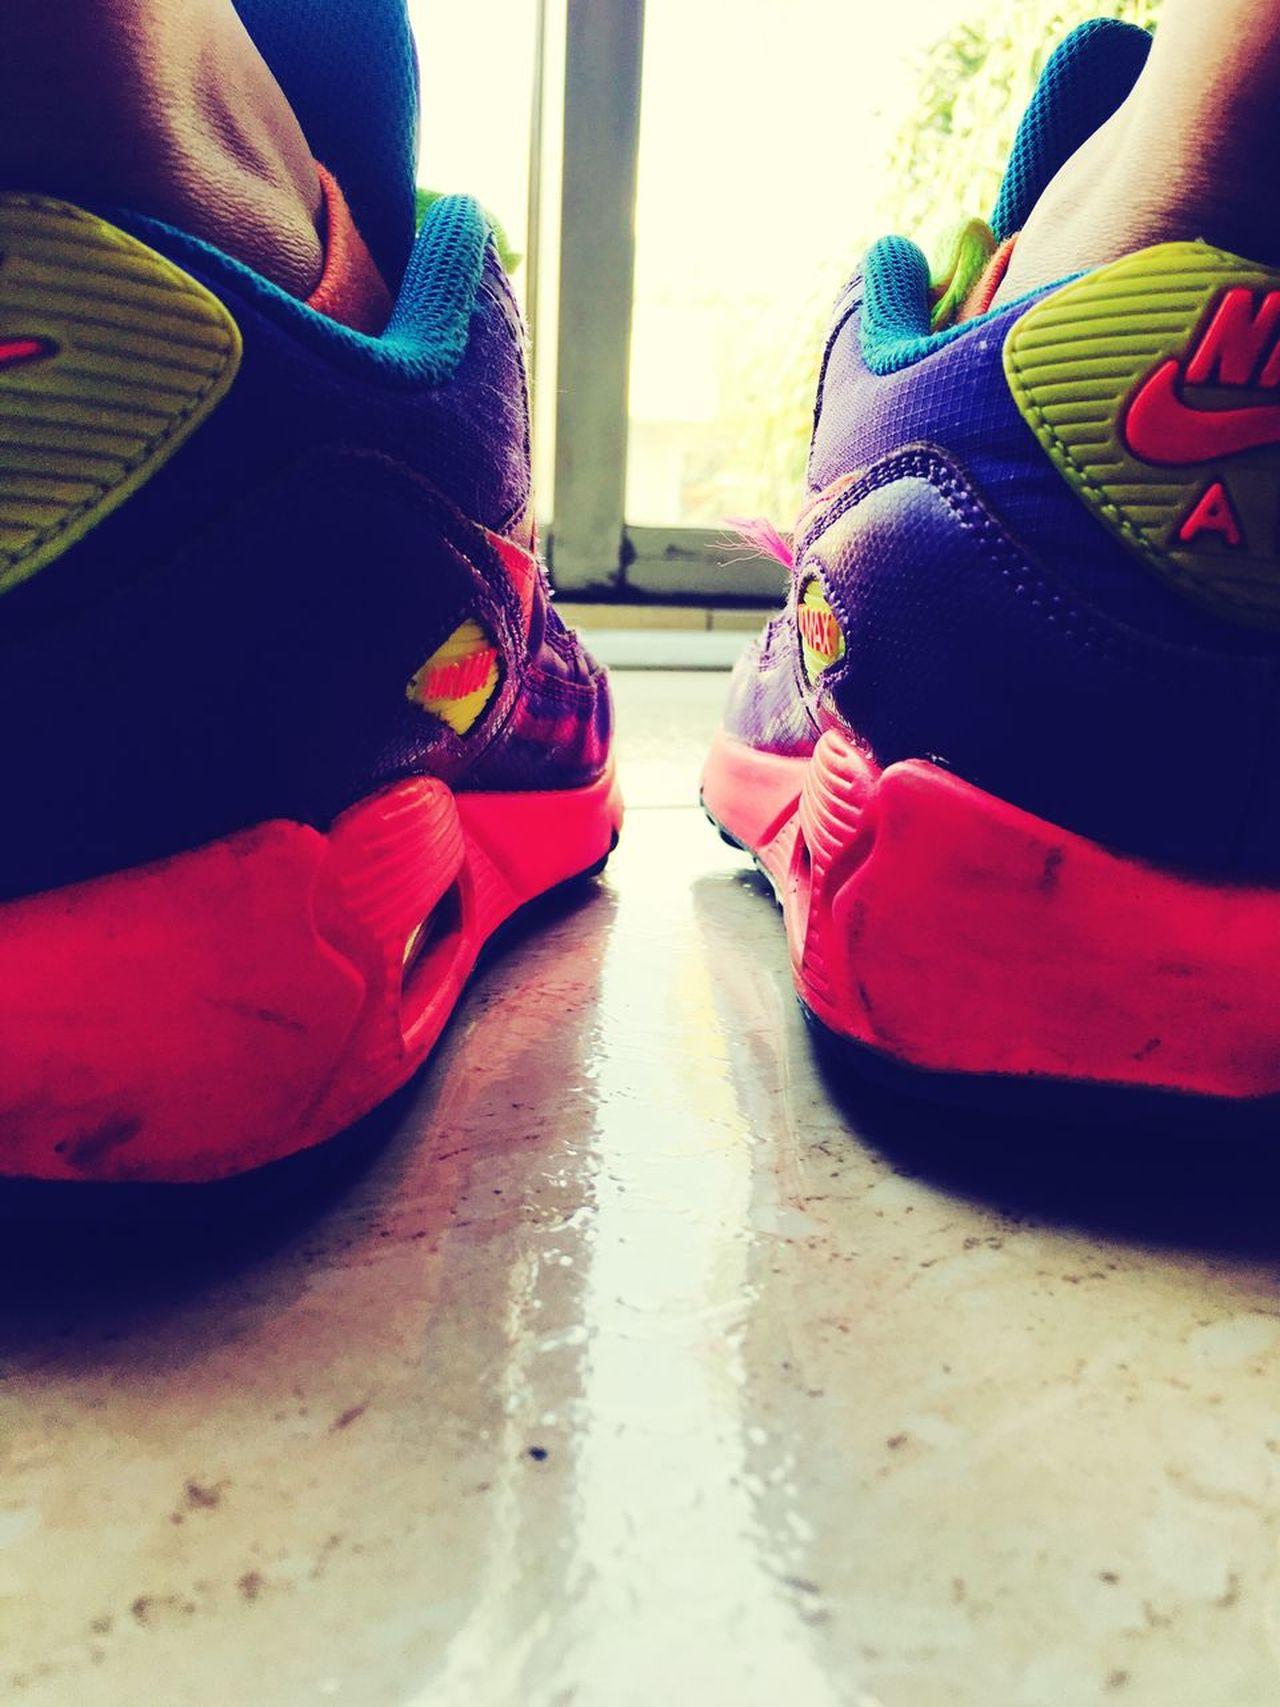 No hay prisa de llegar... 🚶🏽♀️ Women Lifestyles Disfrutando De La Vida One Person Close-up Nike Airmax Colors